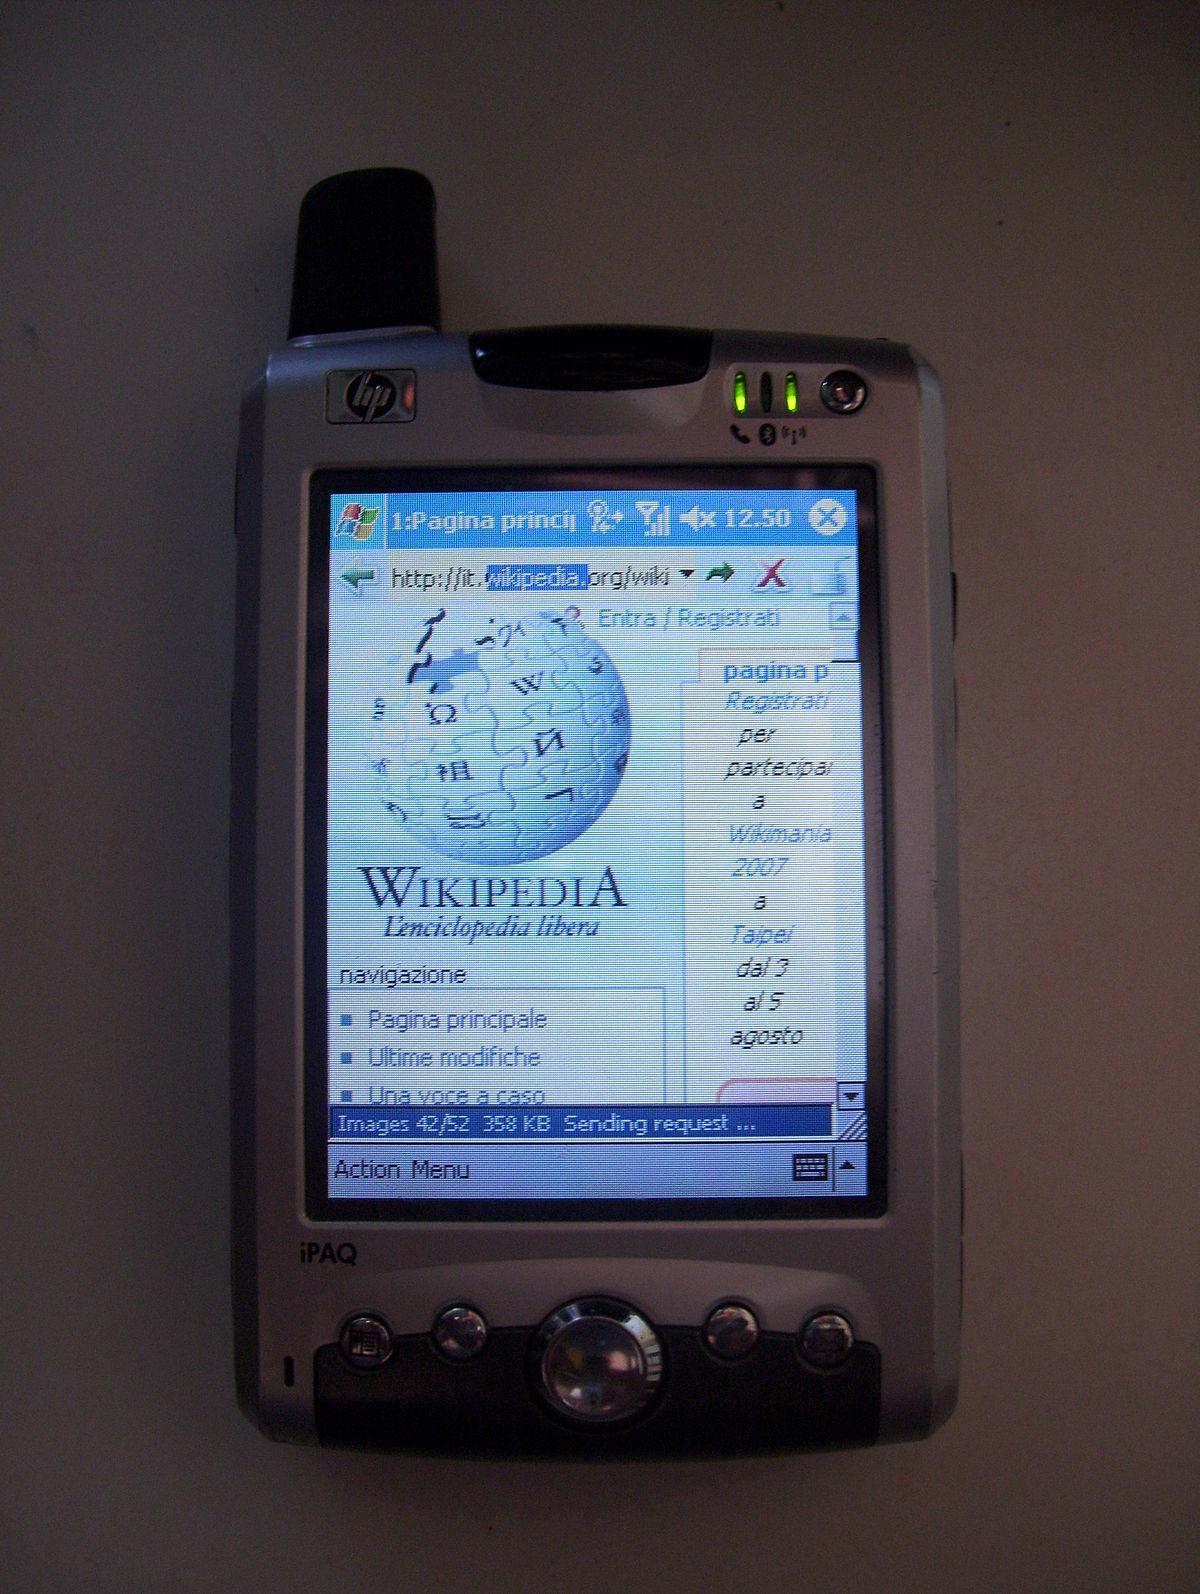 Ipaq Wikipedia